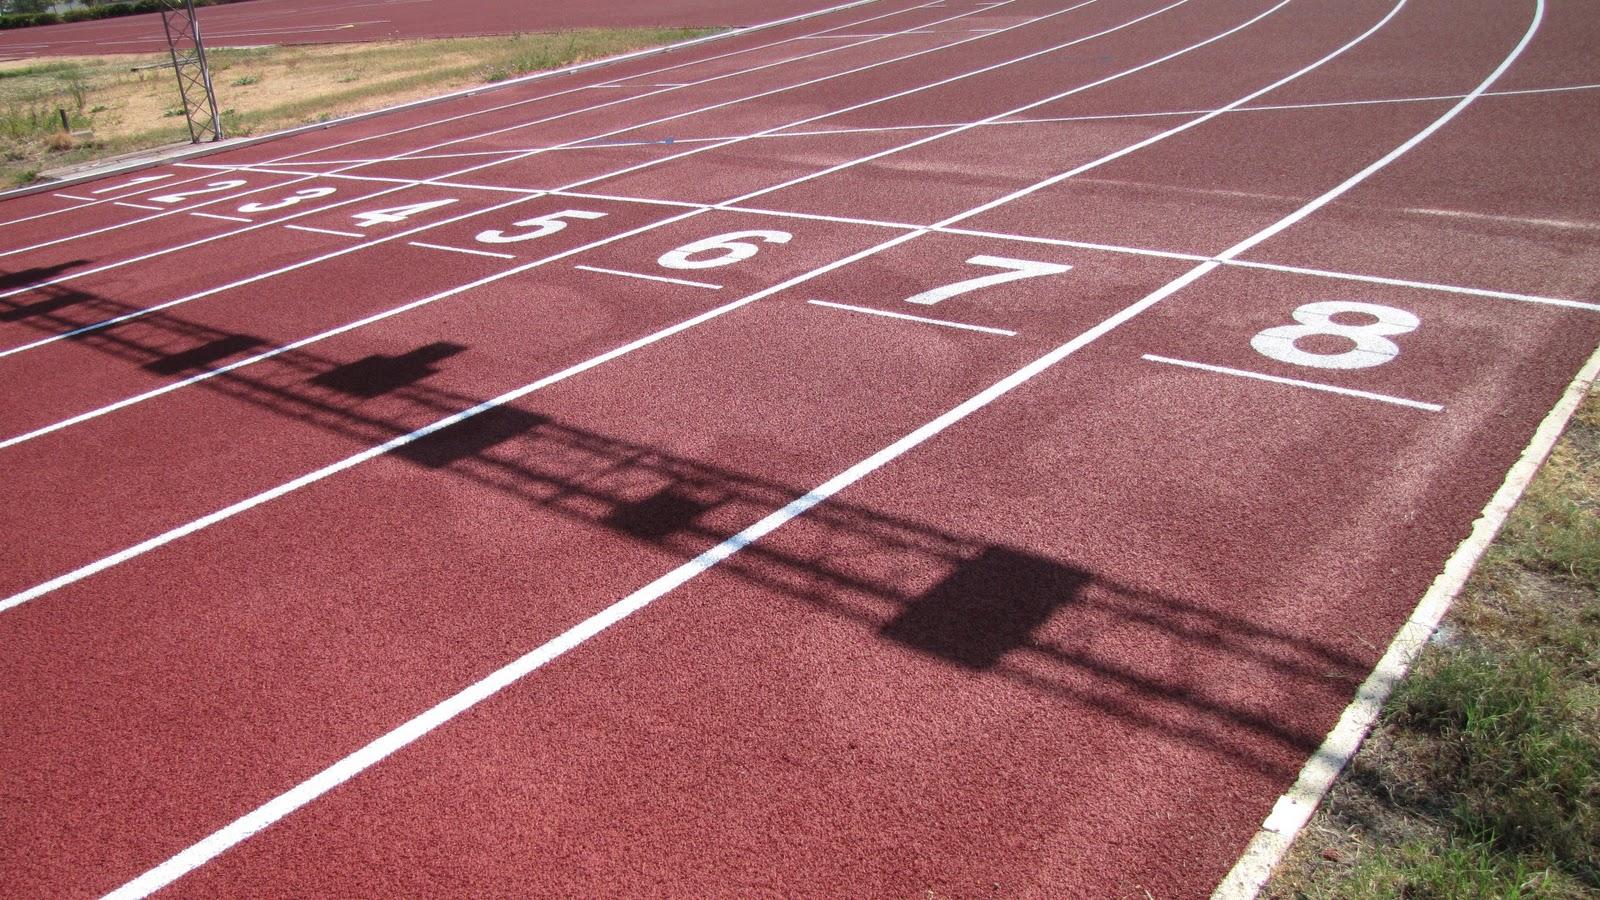 Orari di apertura della pista di atletica sport atletica for Interno b 197 orari